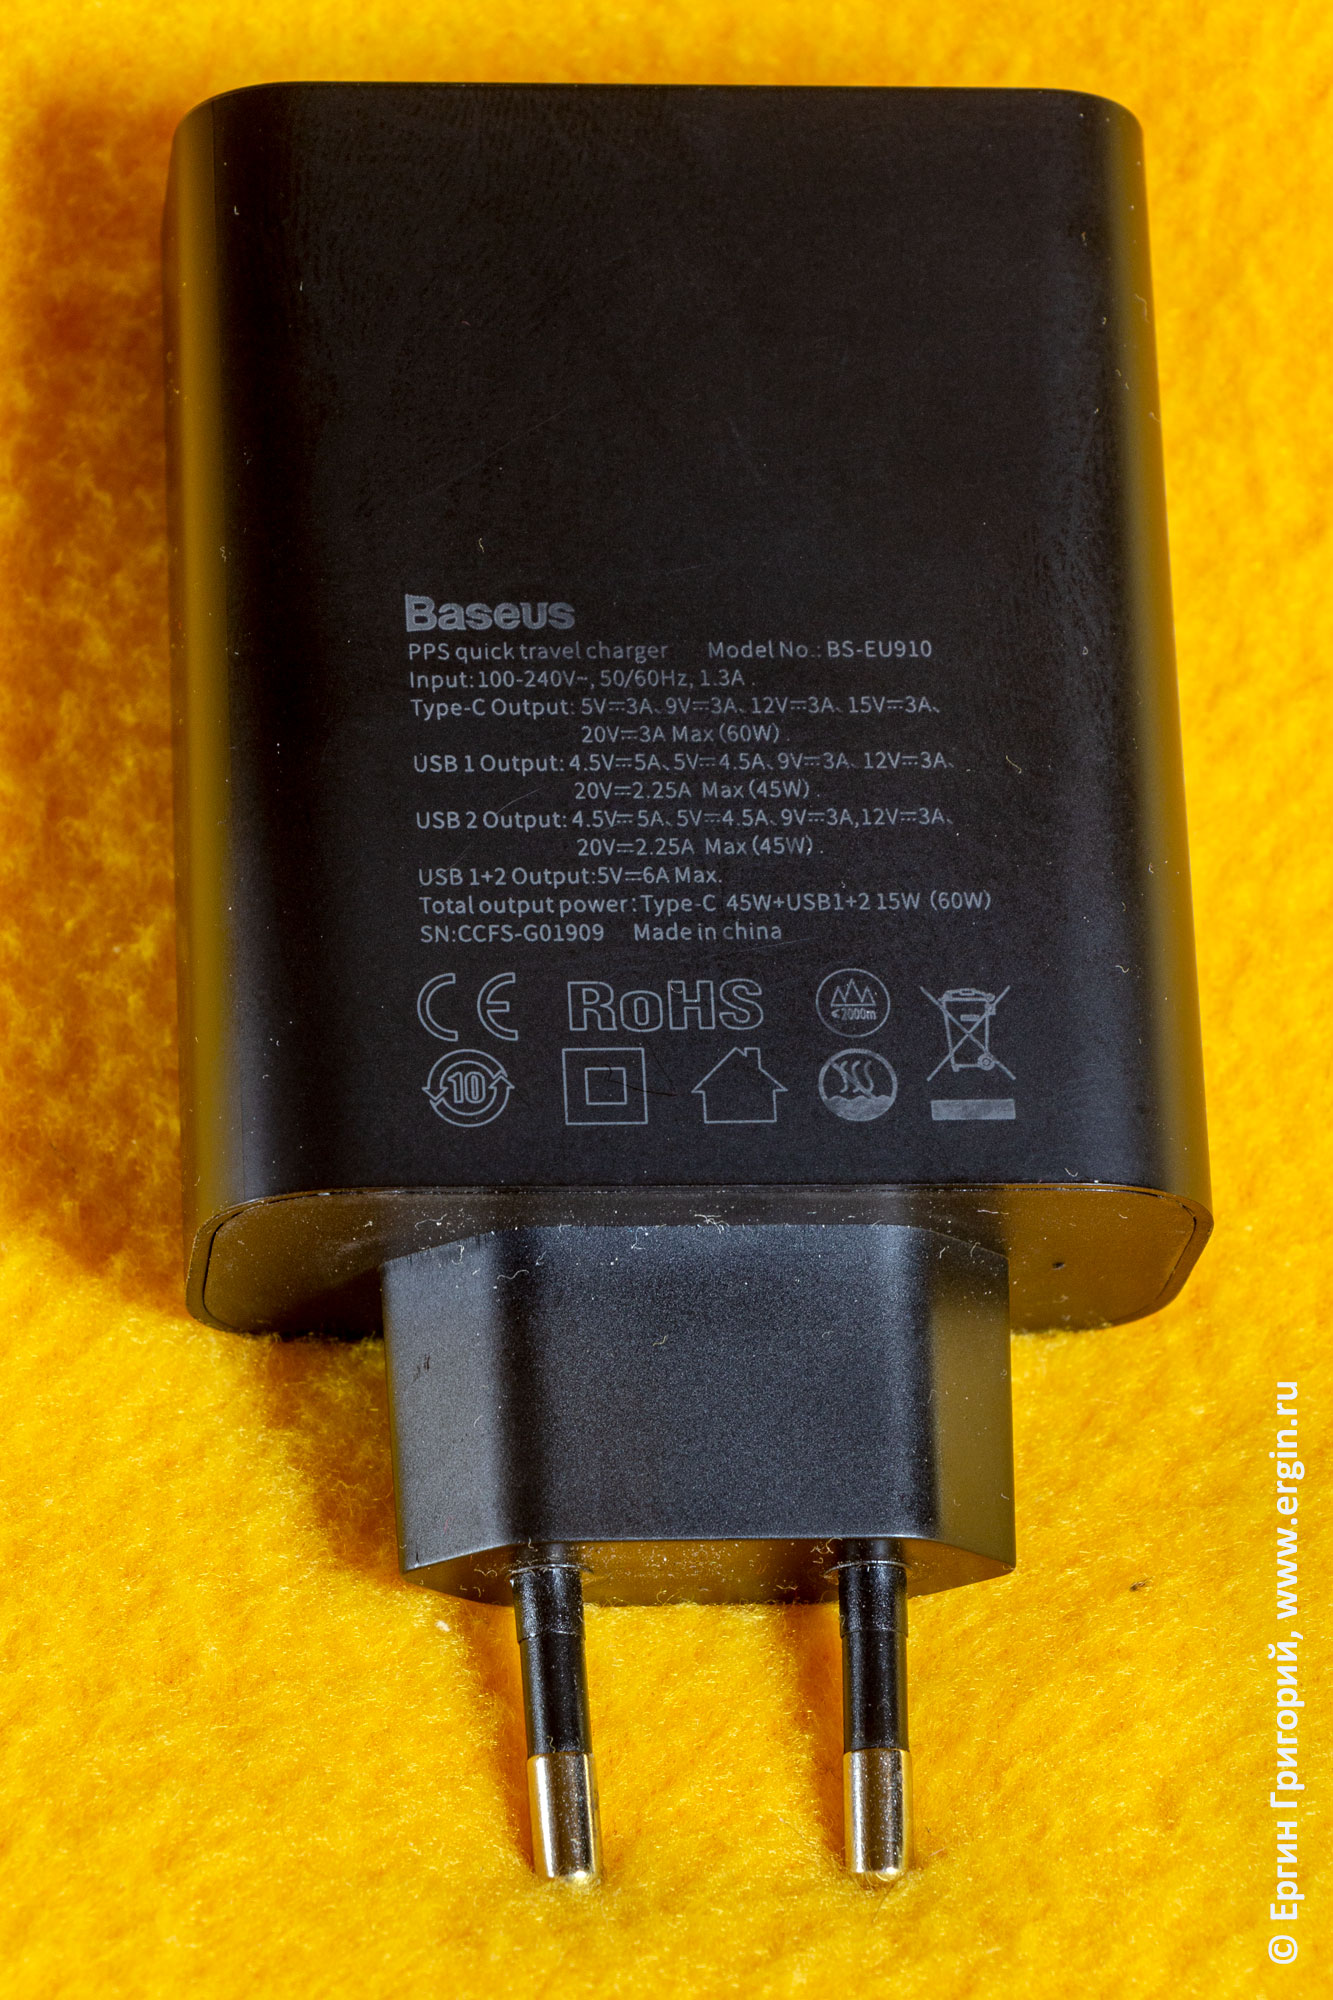 Параметры зарядного устройства Baseus PPS quick travel charger BS-EU910